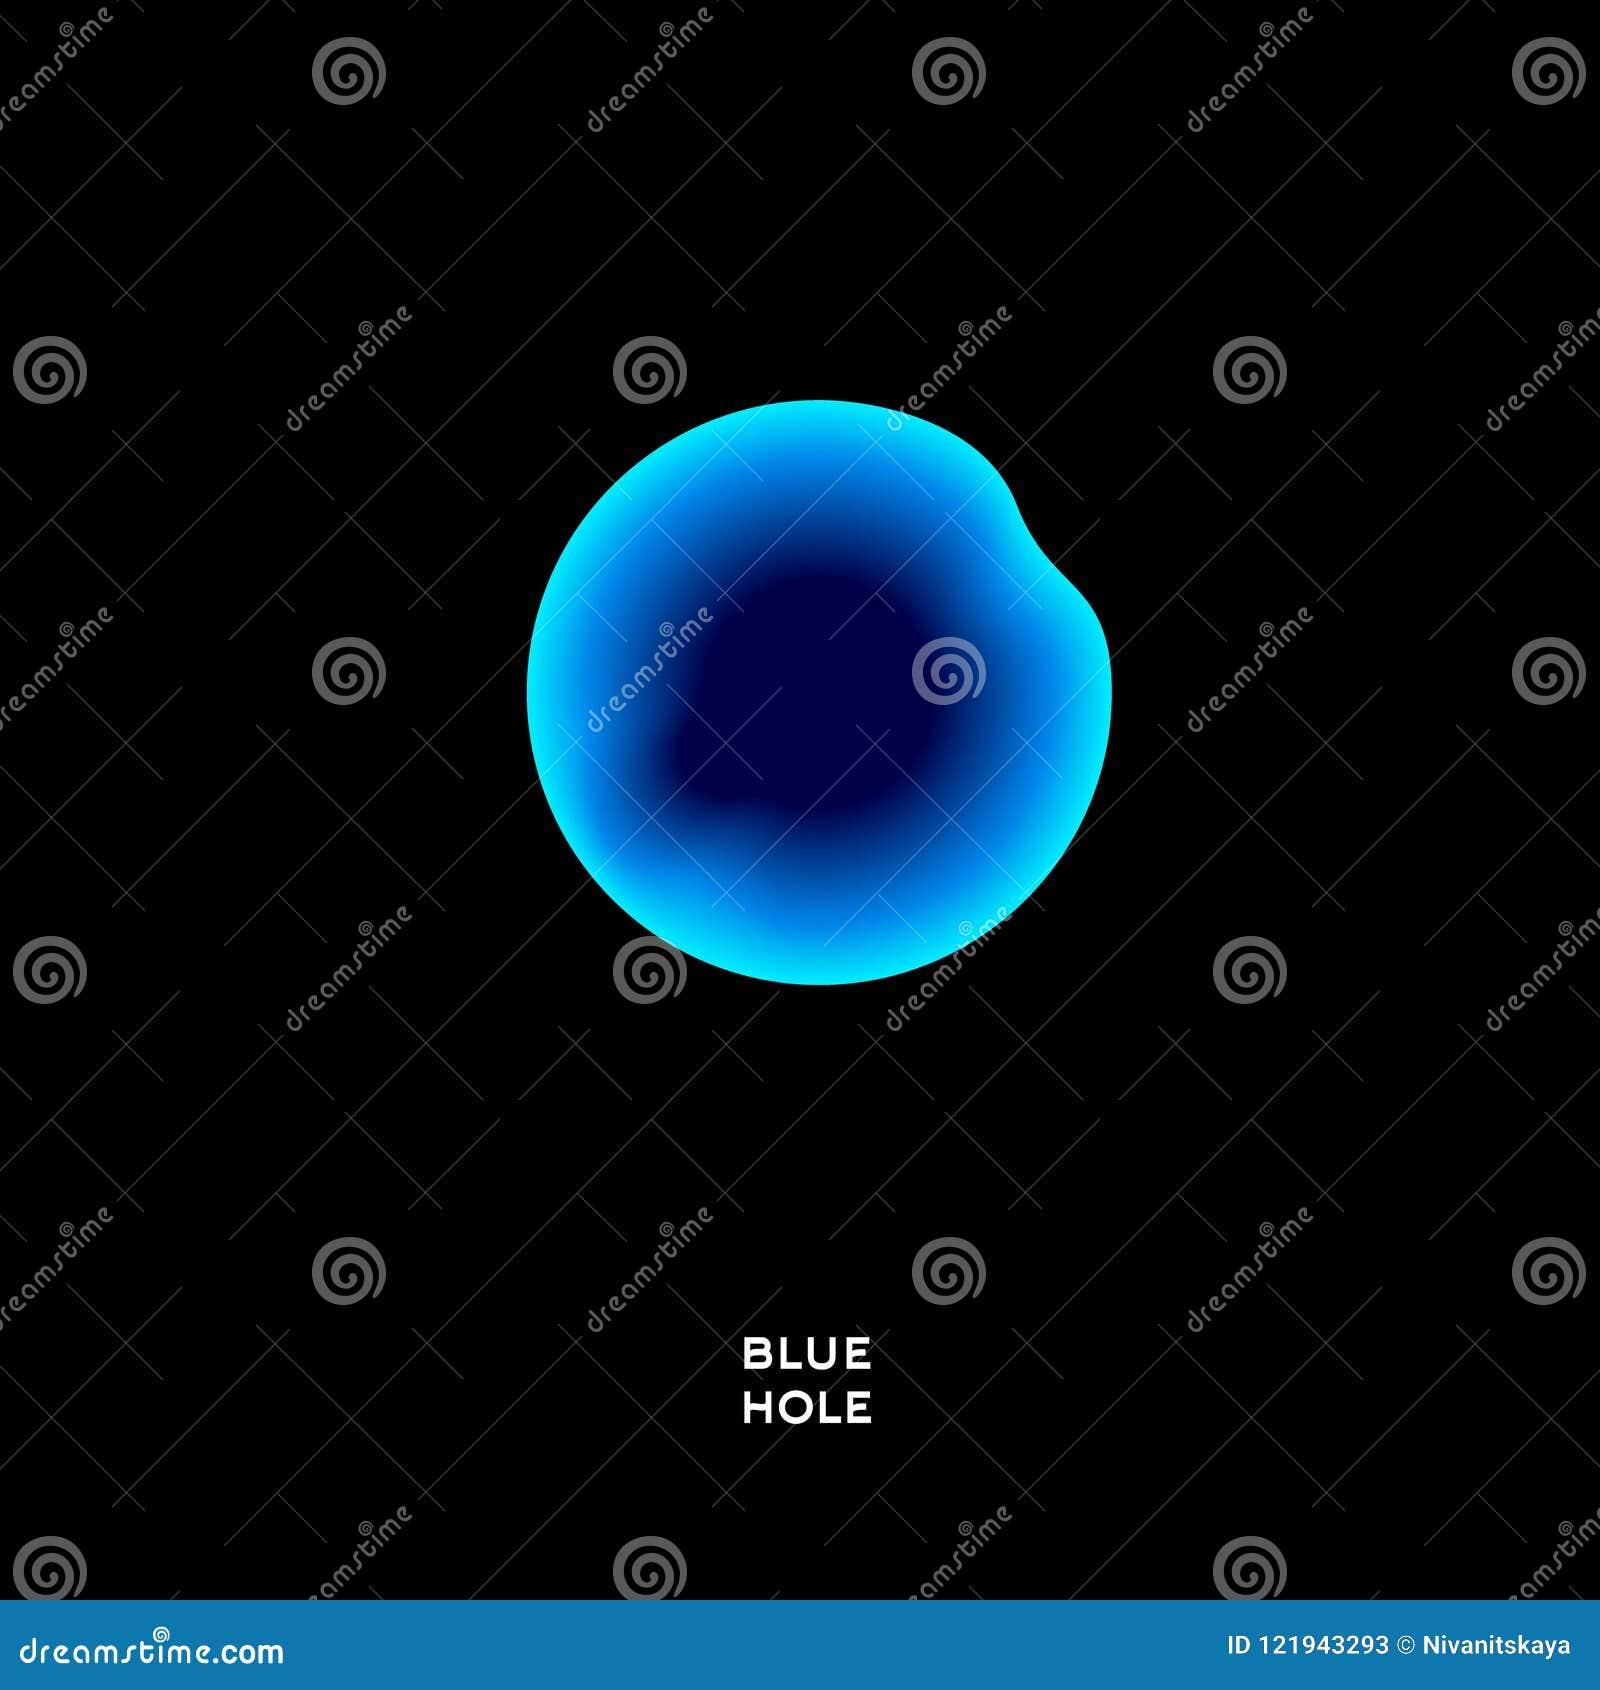 Logotipo azul do mergulho do furo Logotipo azul do mergulho do furo O azul acena em um círculo em um fundo escuro